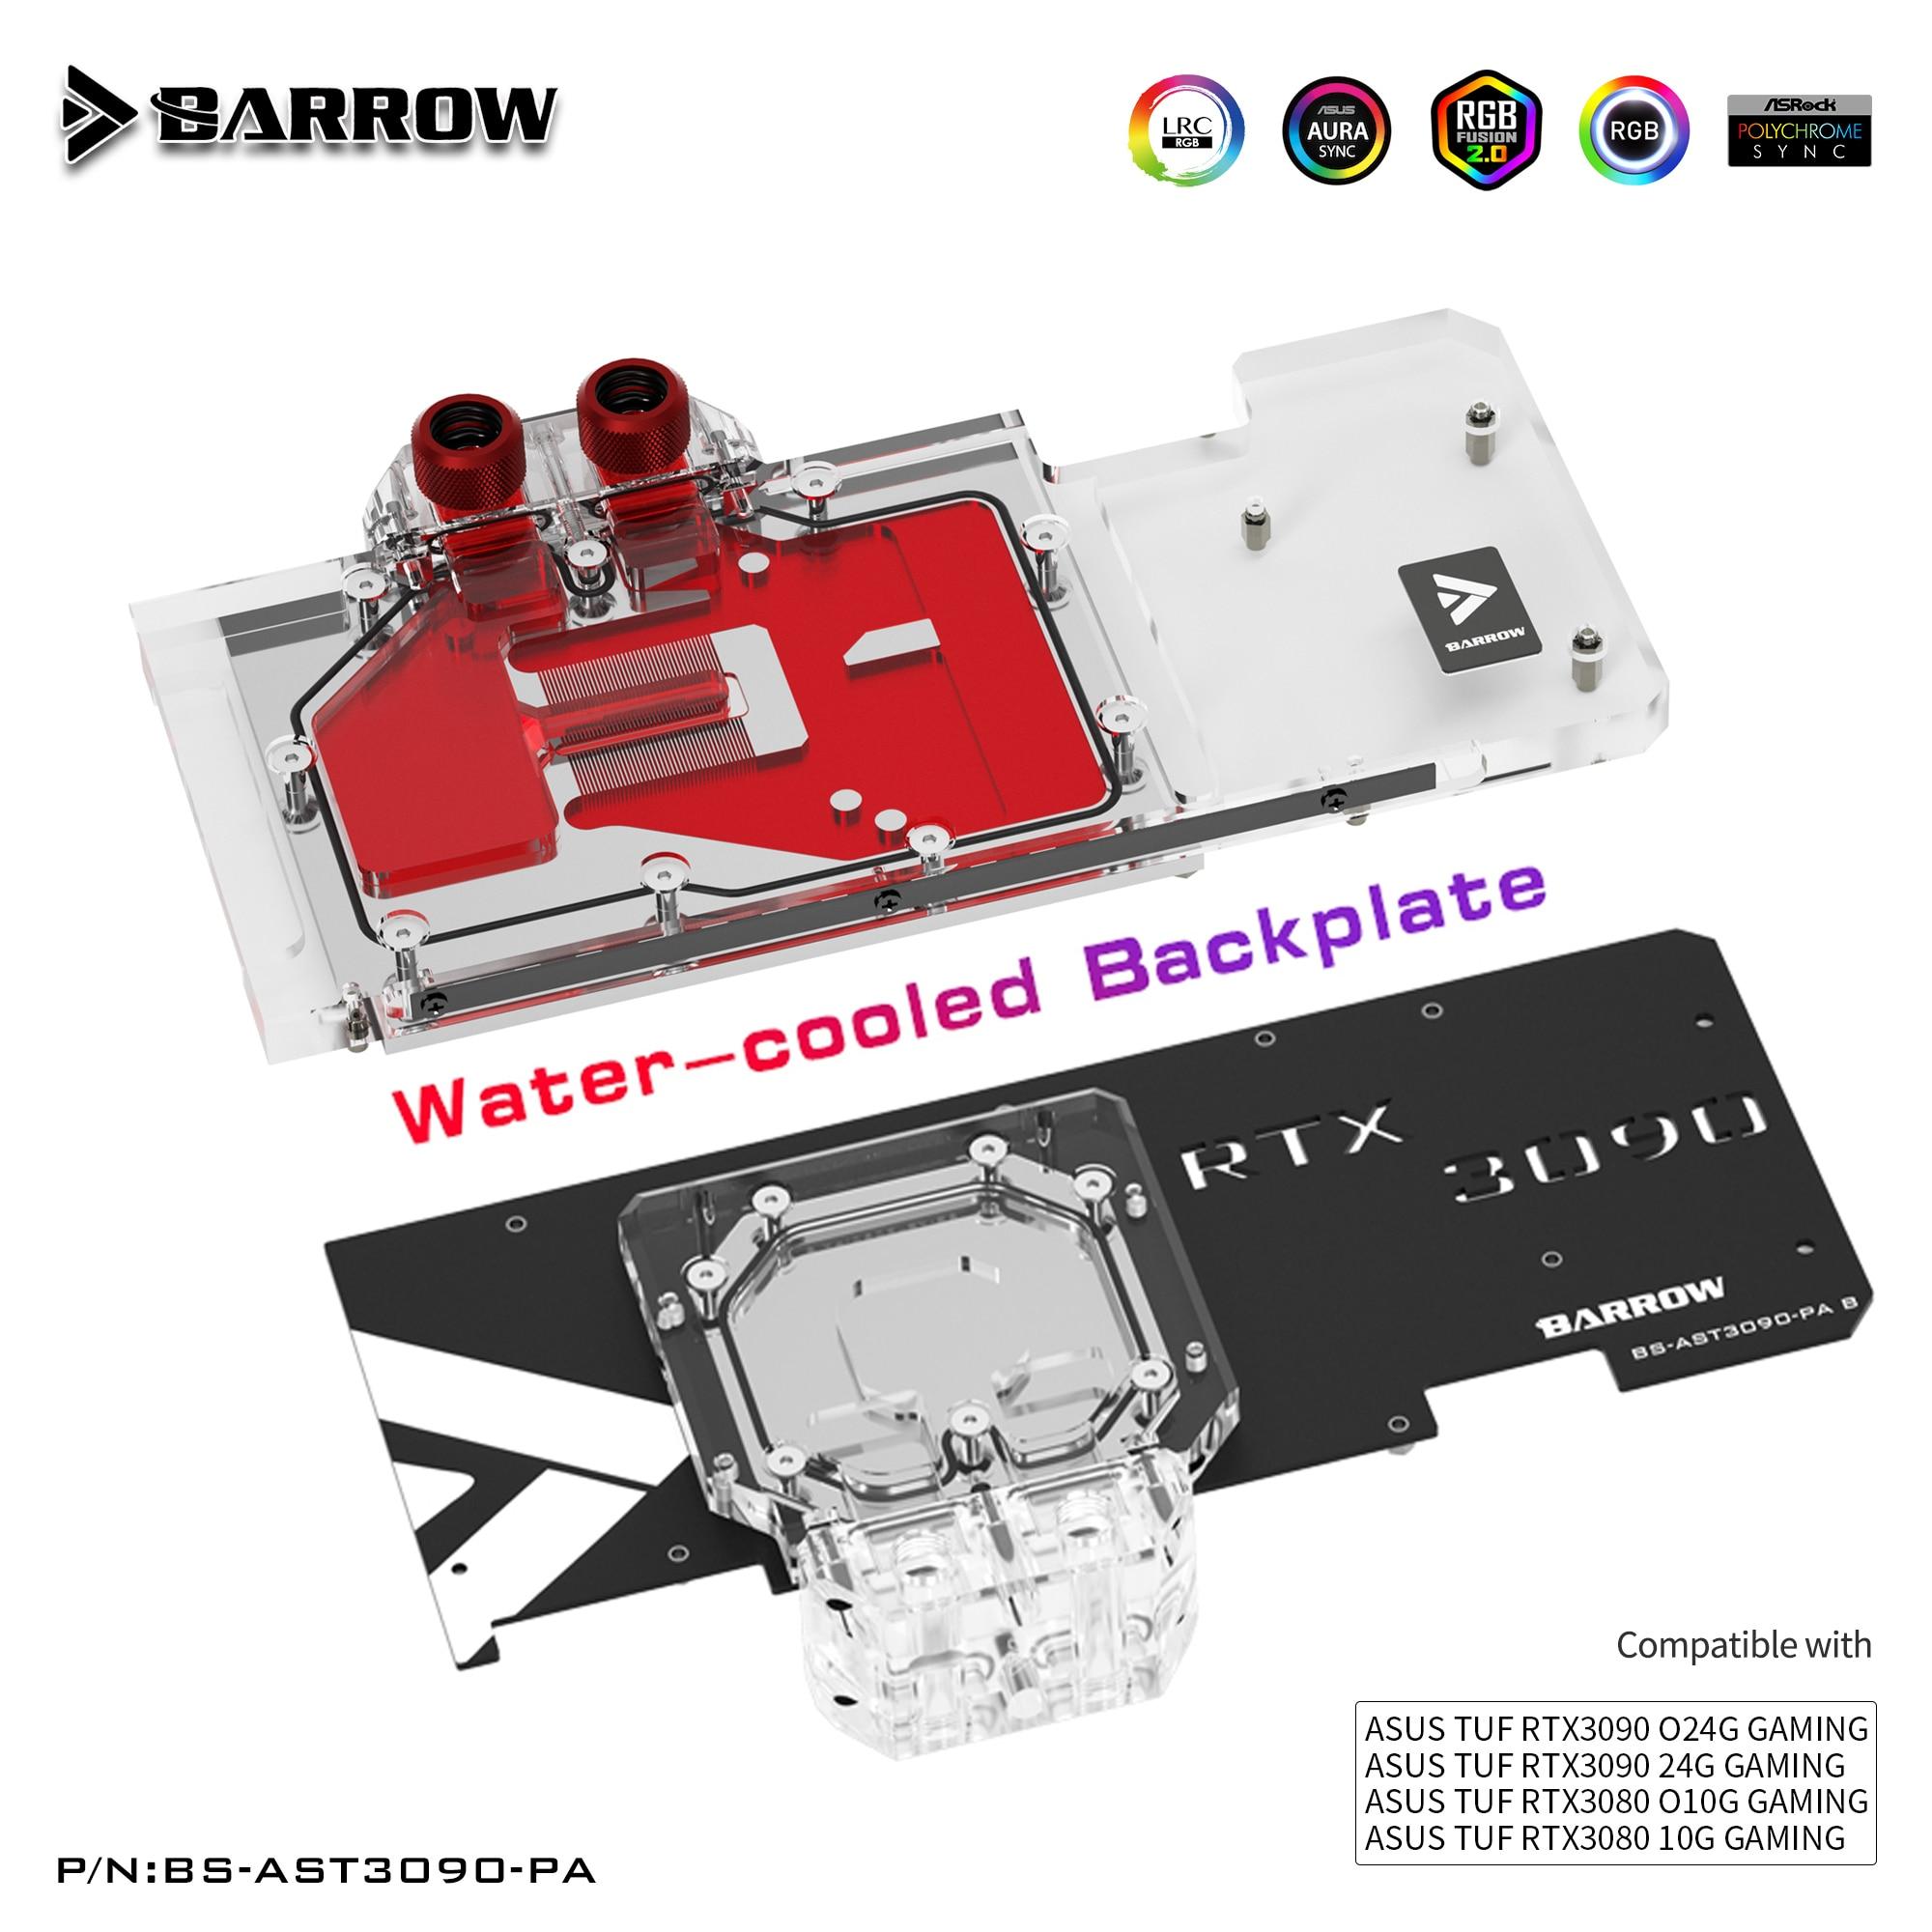 بارو 3090 3080 كتلة الماء لوحة الكترونية معززة ل ASUS TUF 3090 3080 الألعاب ، في جميع أنحاء لوحة الخلفية برودة ، BS-AST3090-PA B